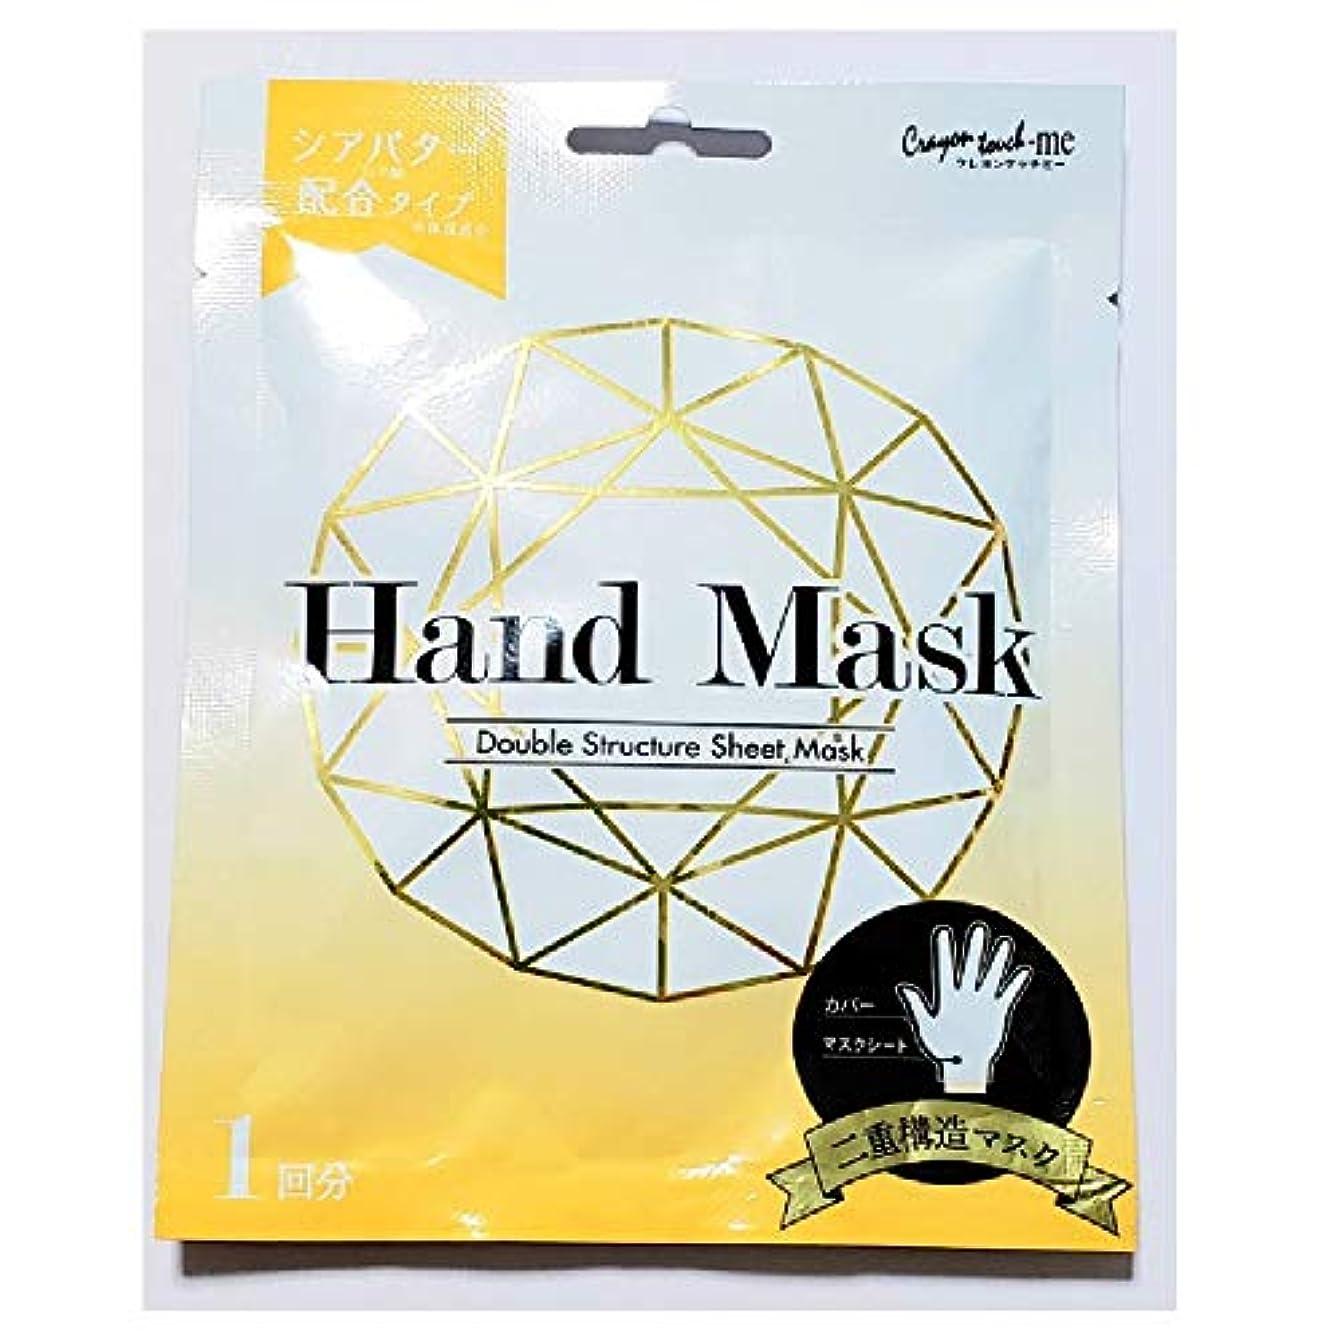 配分舌どちらかラッキートレンディ ダブル ストラクチャー シートマスク ハンドマスク シアバター配合タイプ